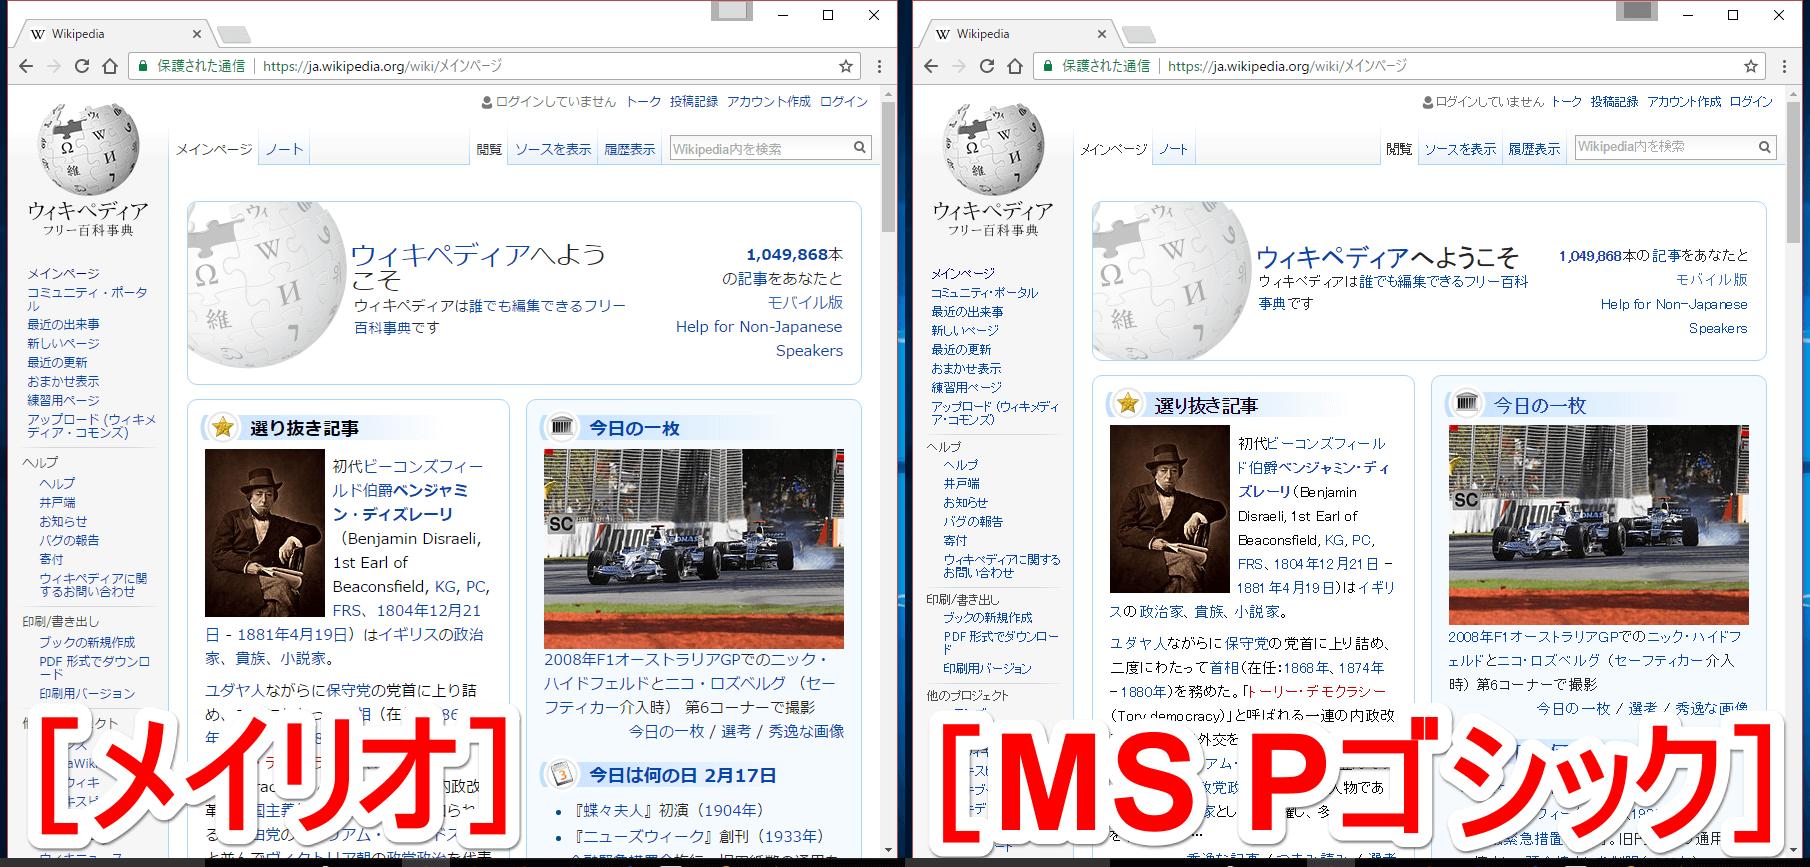 グーグルクロームのフォント変更前後を比較する画面